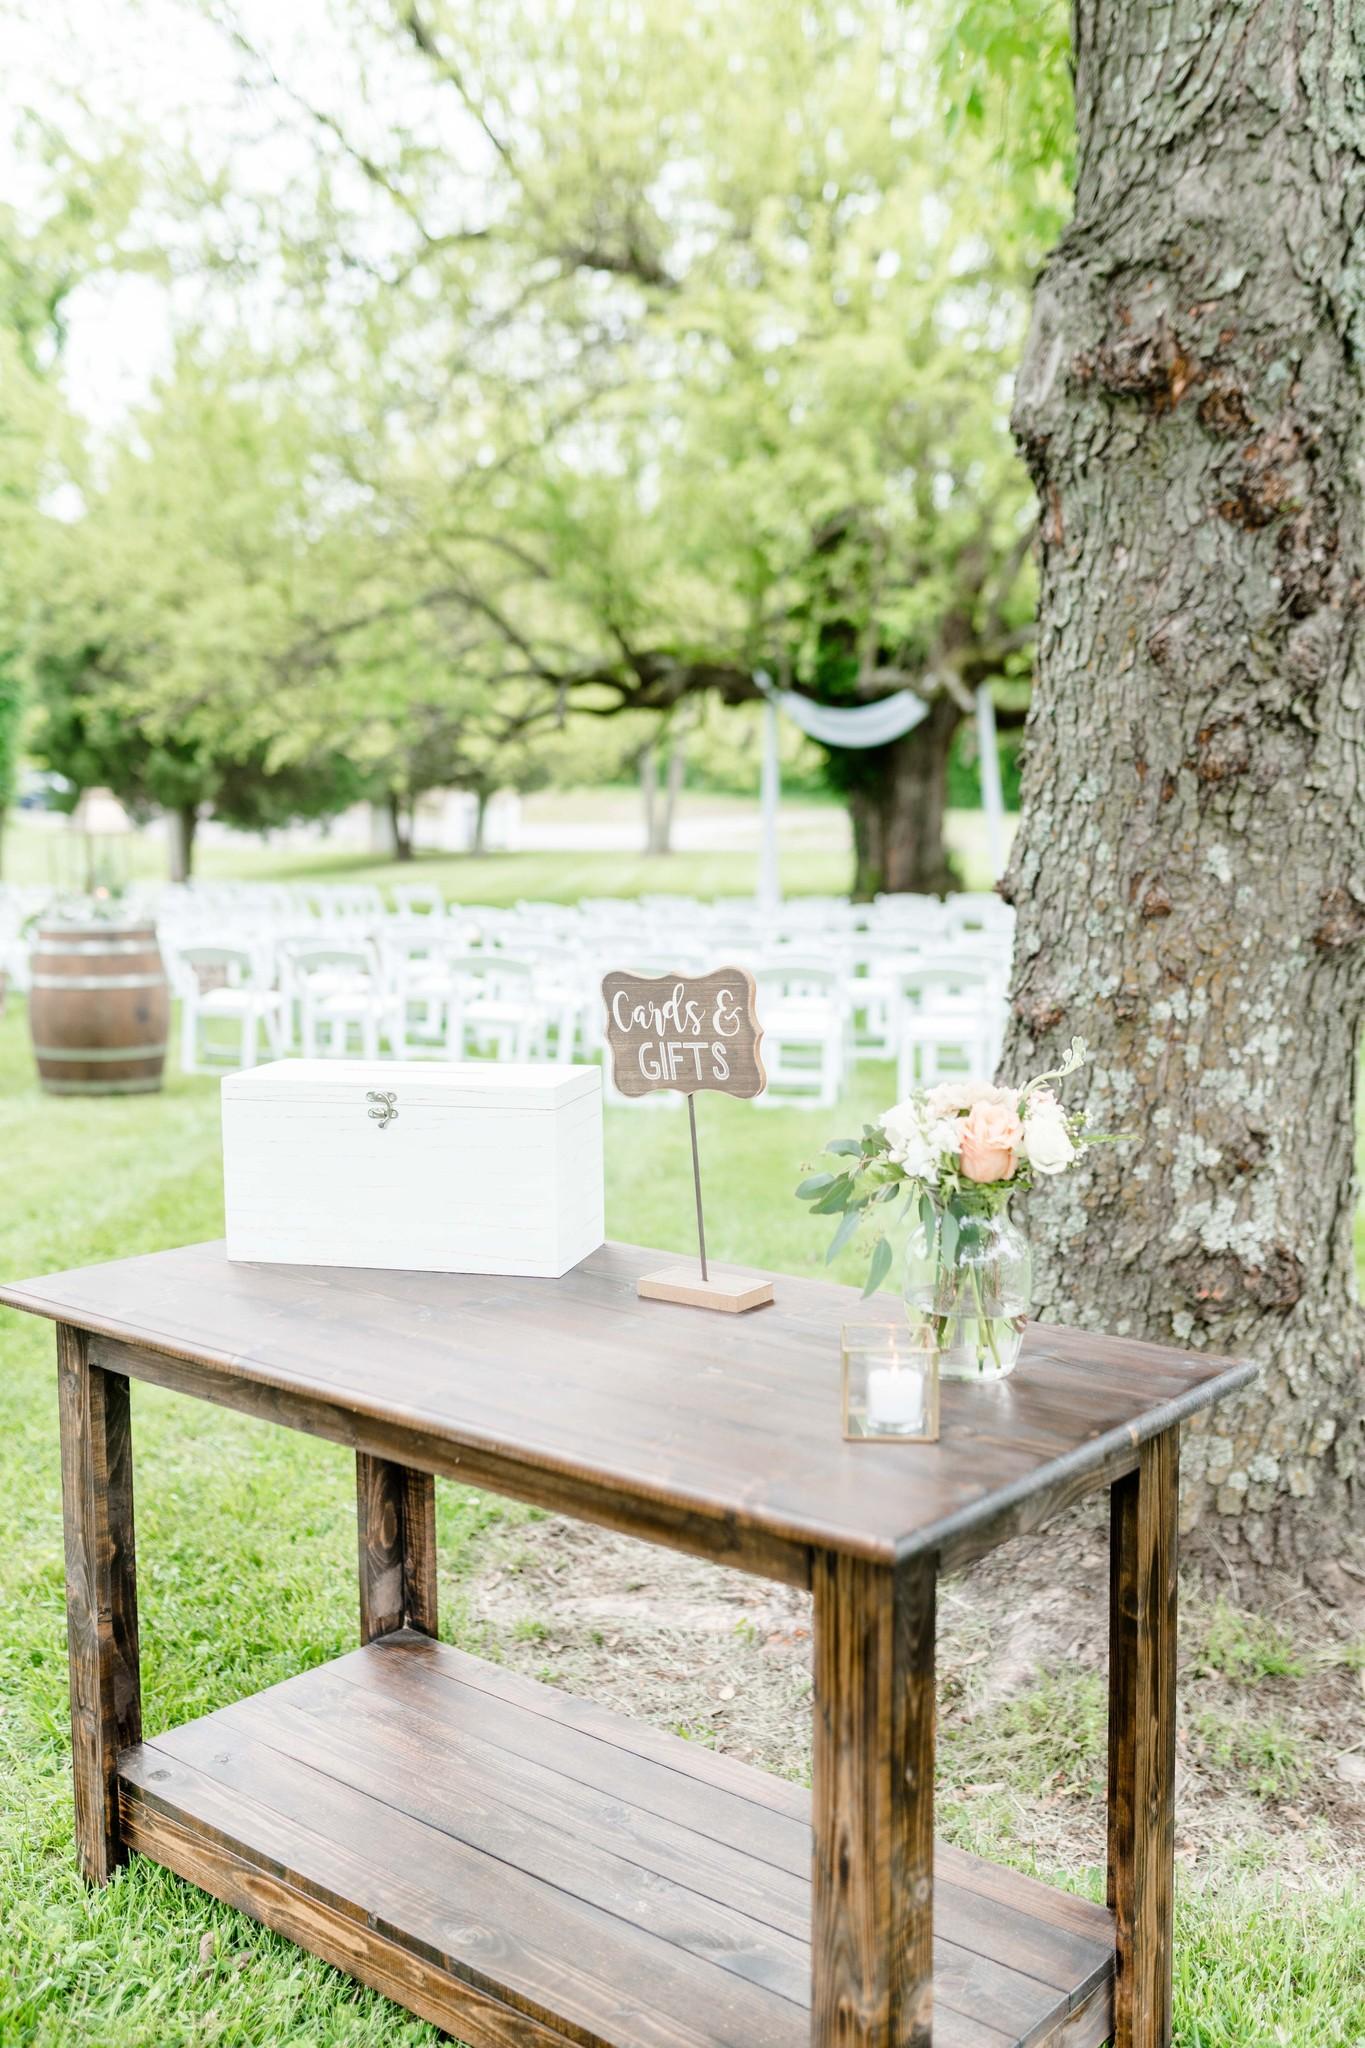 Rustic wedding gift table